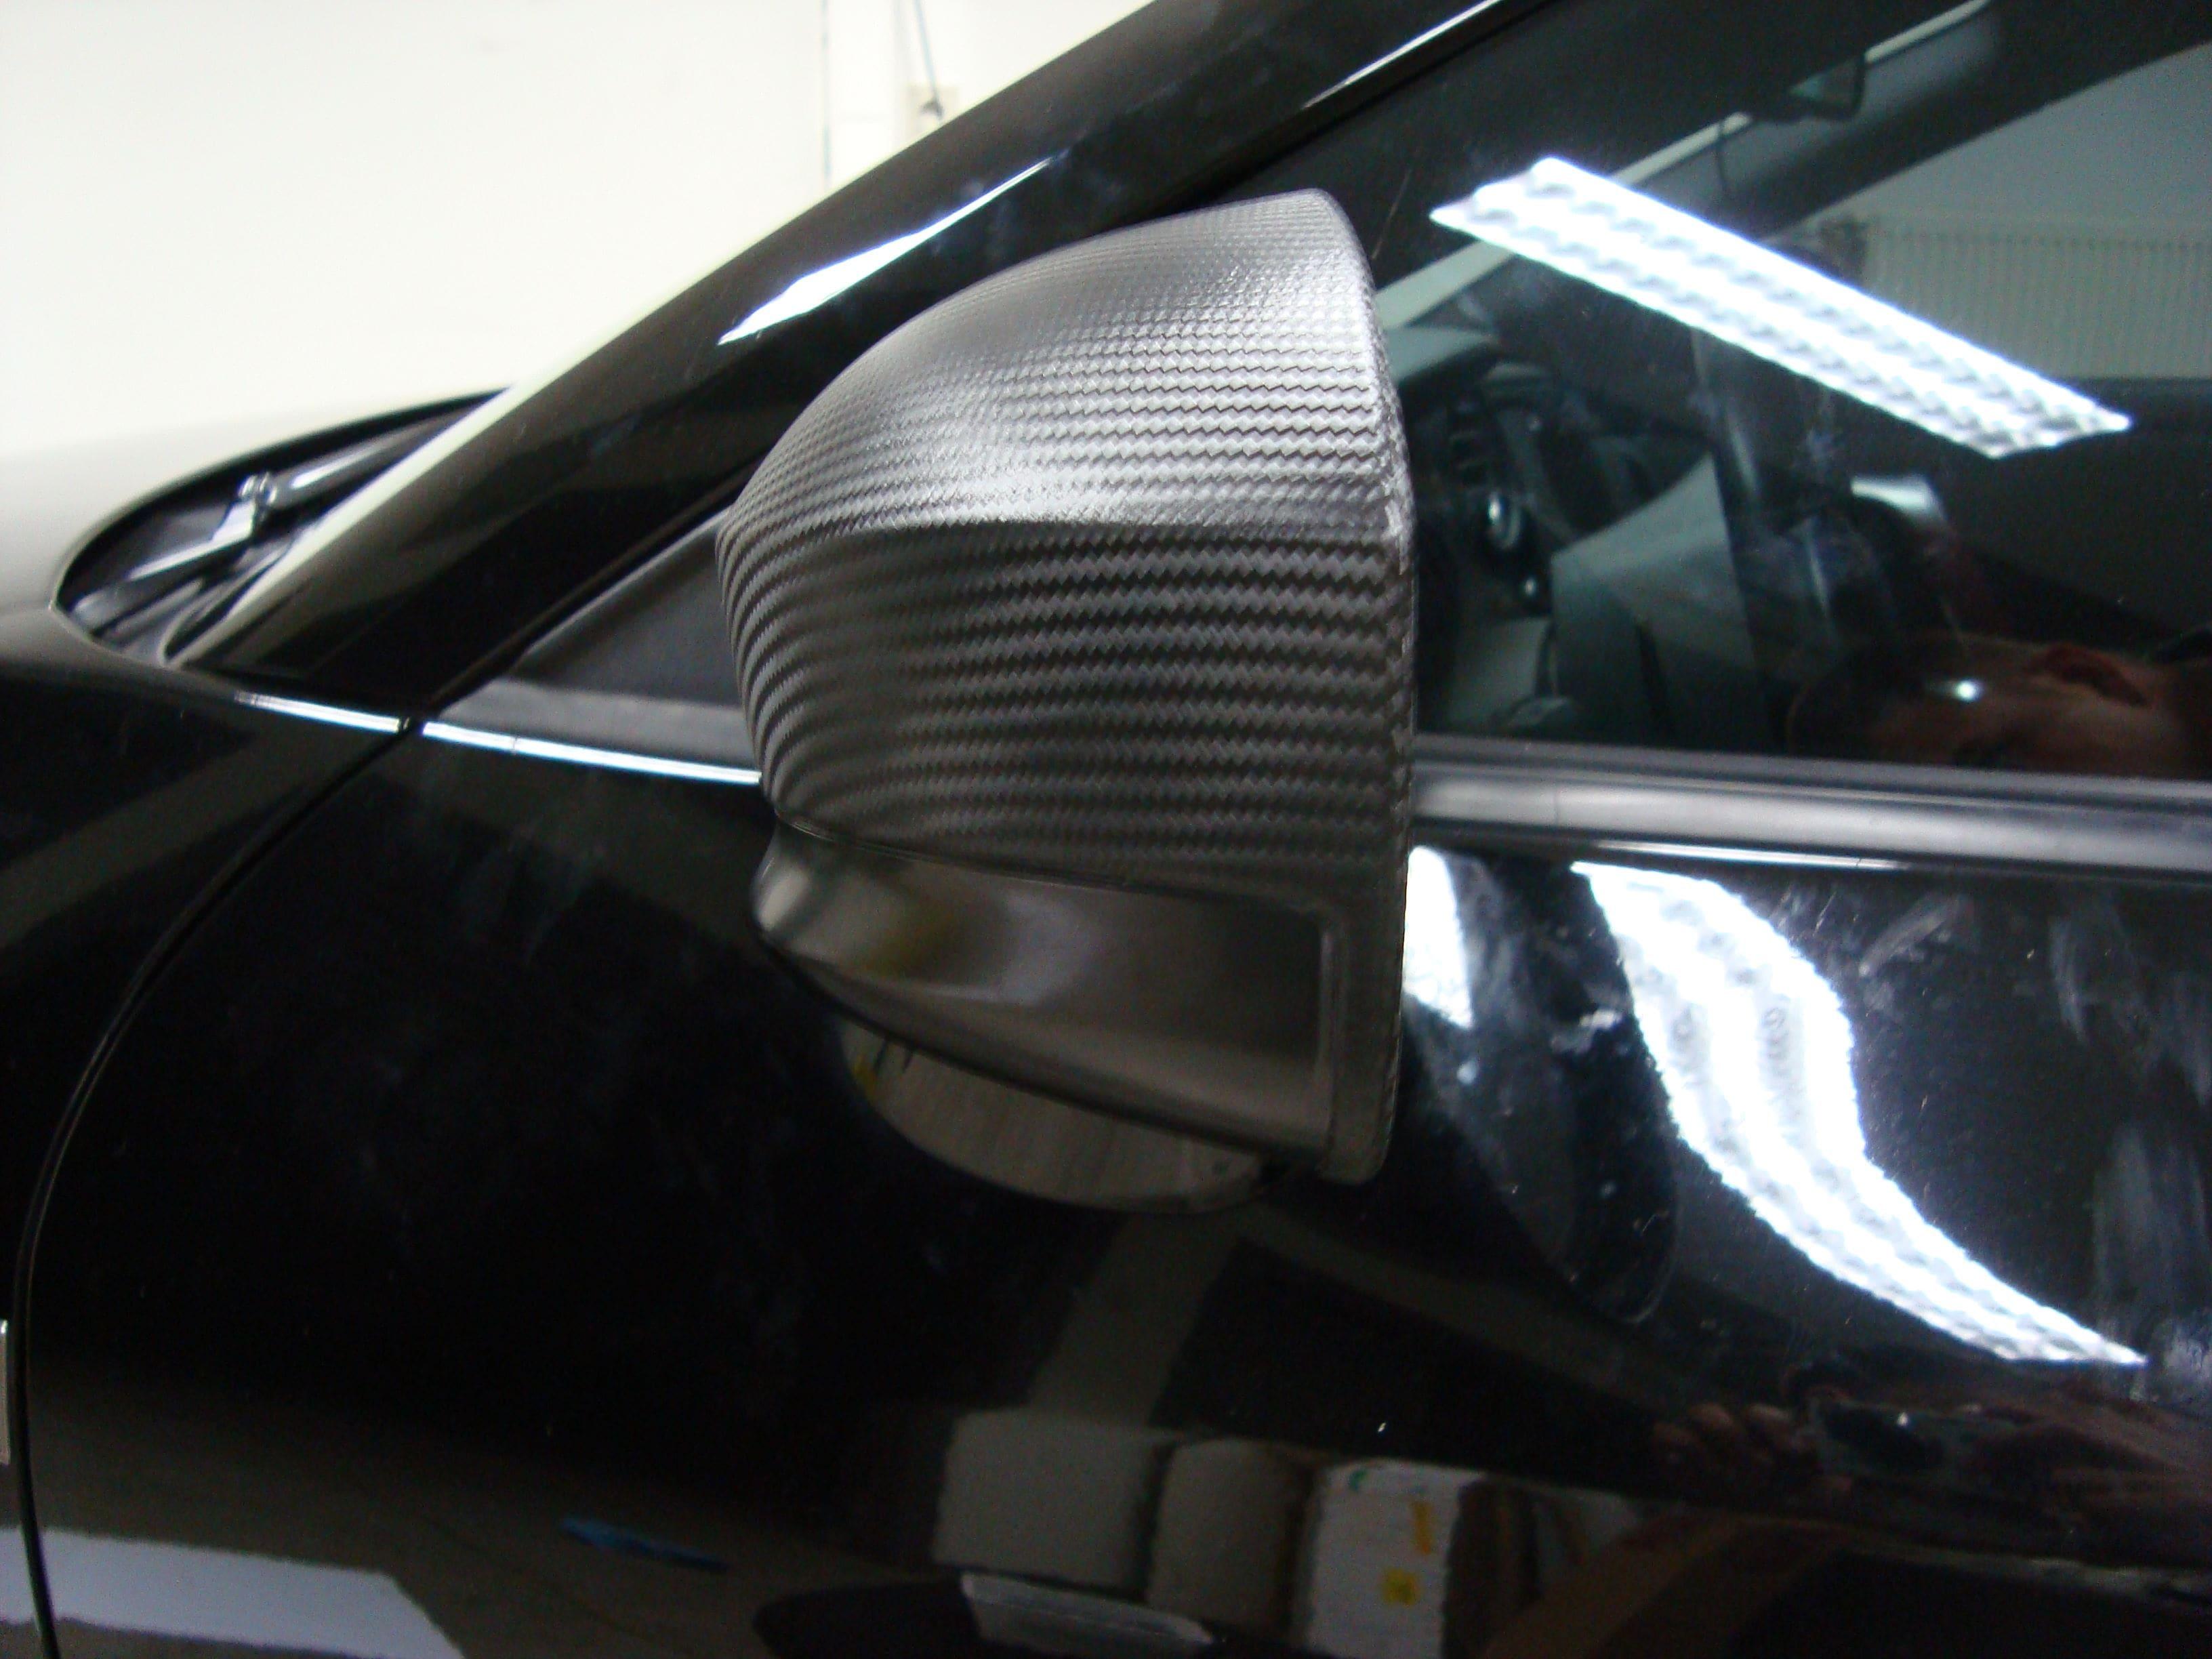 Nissan GT-R met Mat Zwarte Wrap, Carwrapping door Wrapmyride.nu Foto-nr:6575, ©2021